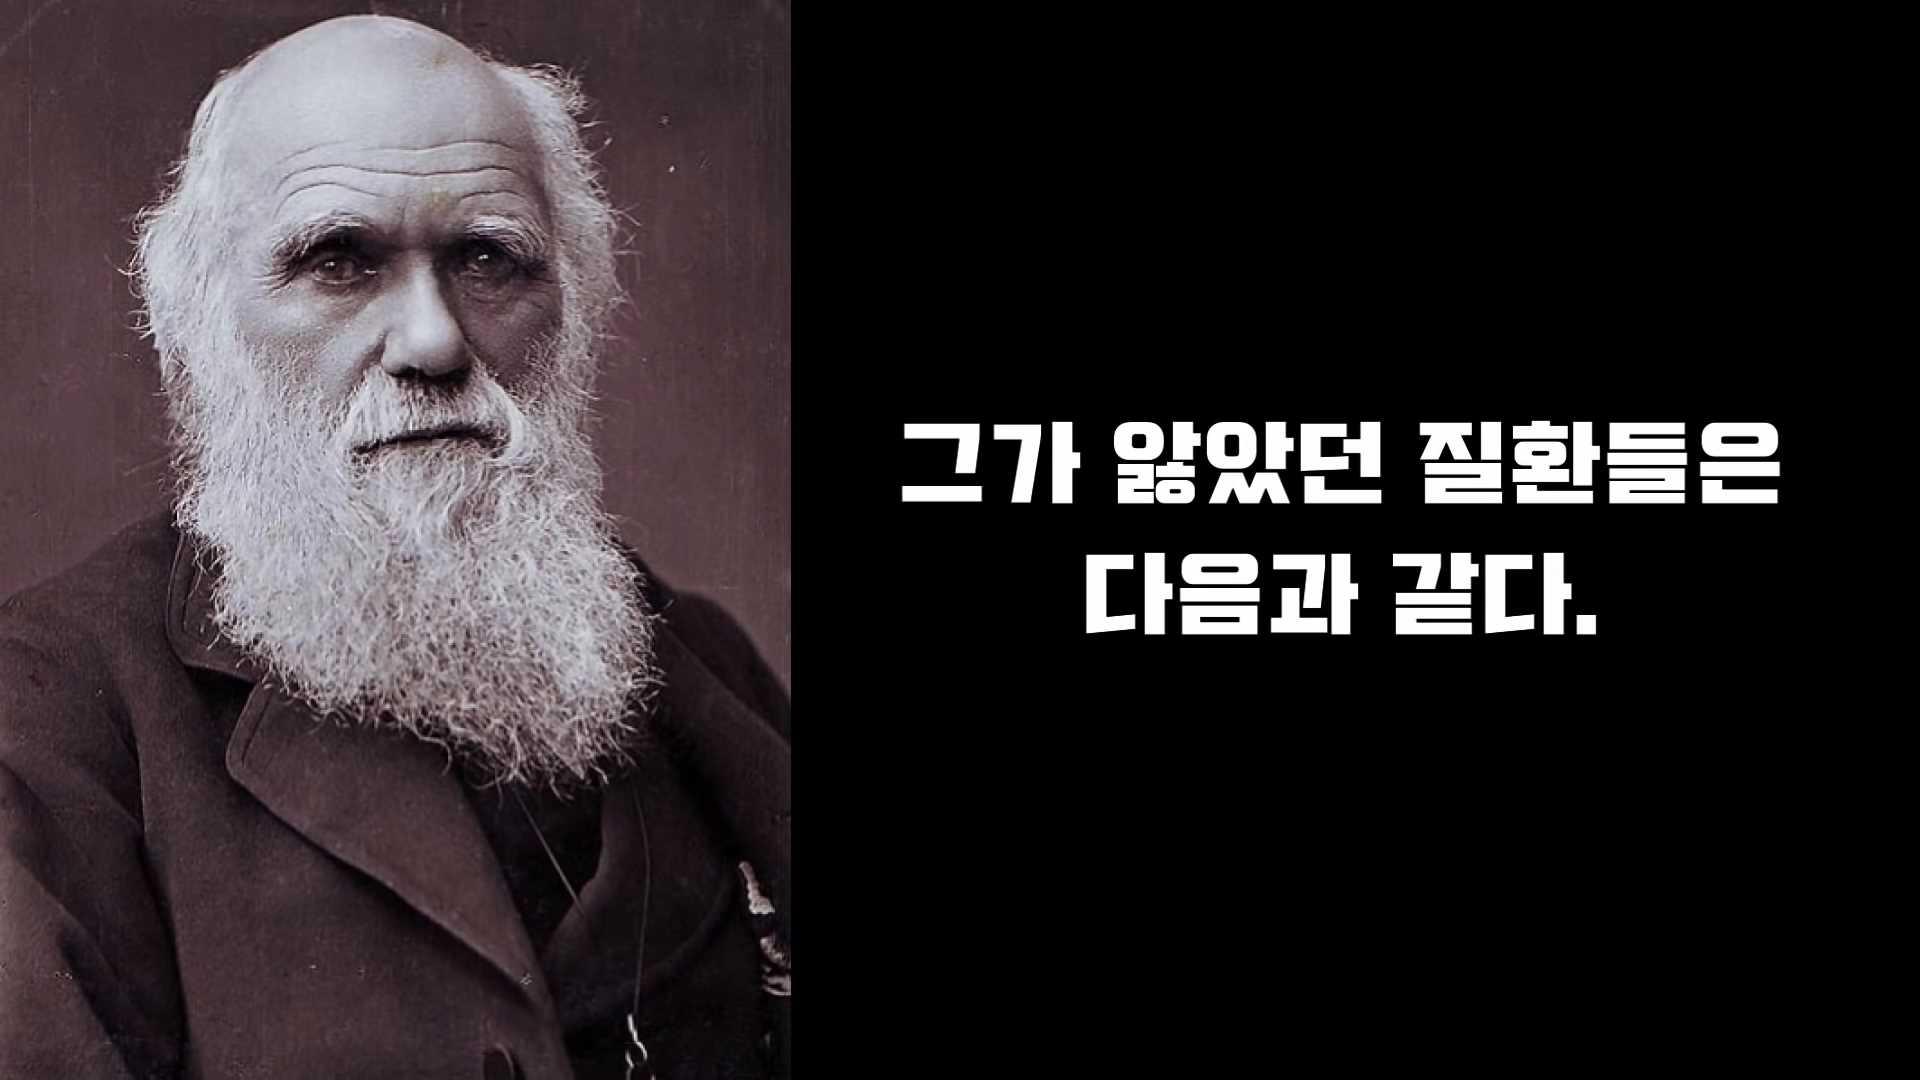 찰스 다윈의 인생과 그의 정신병.mp4_000390301.jpg